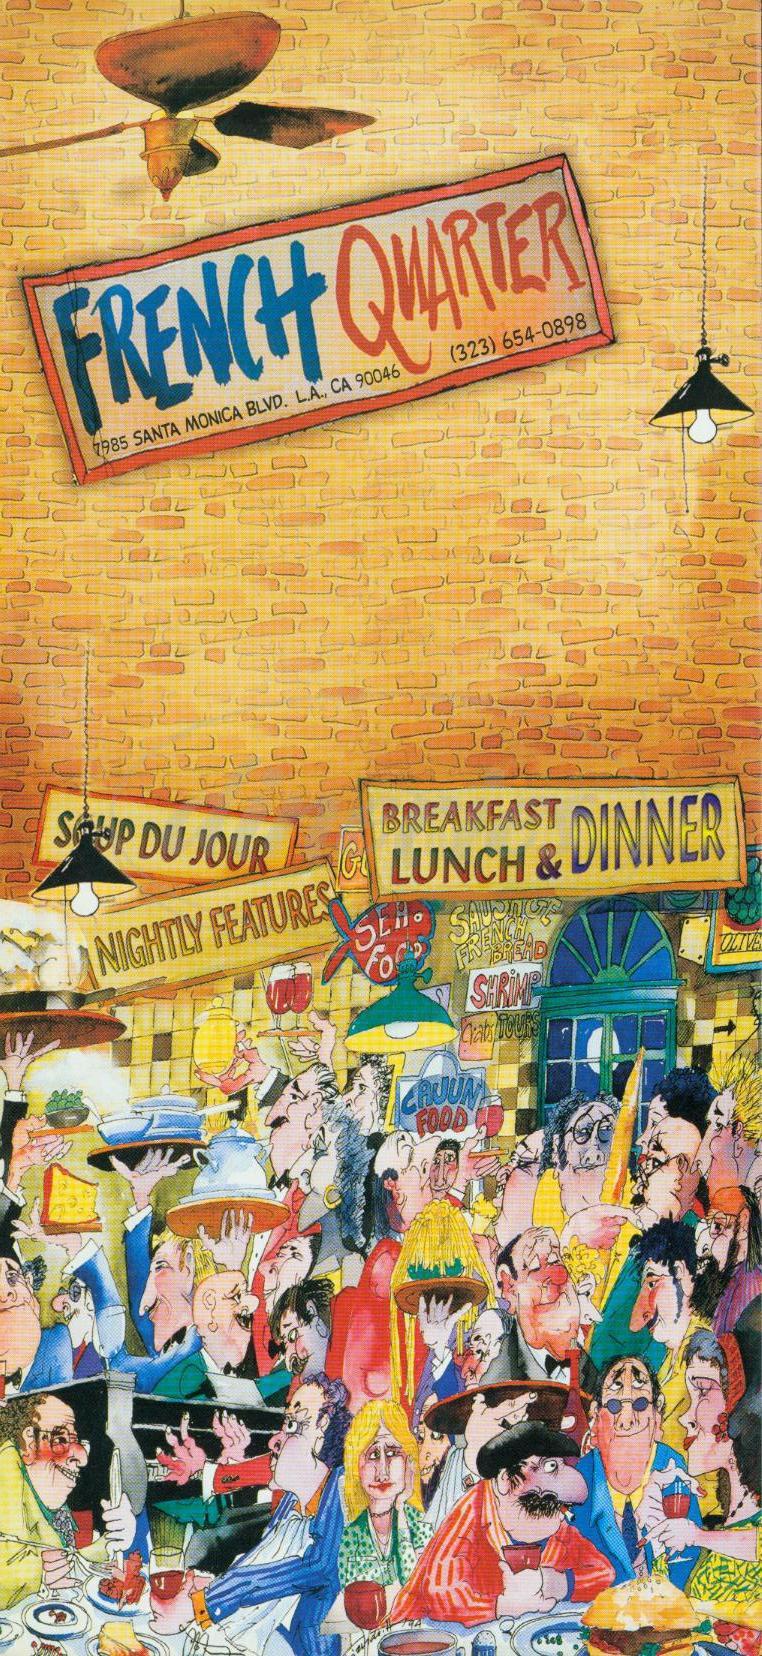 menu for French Quarter